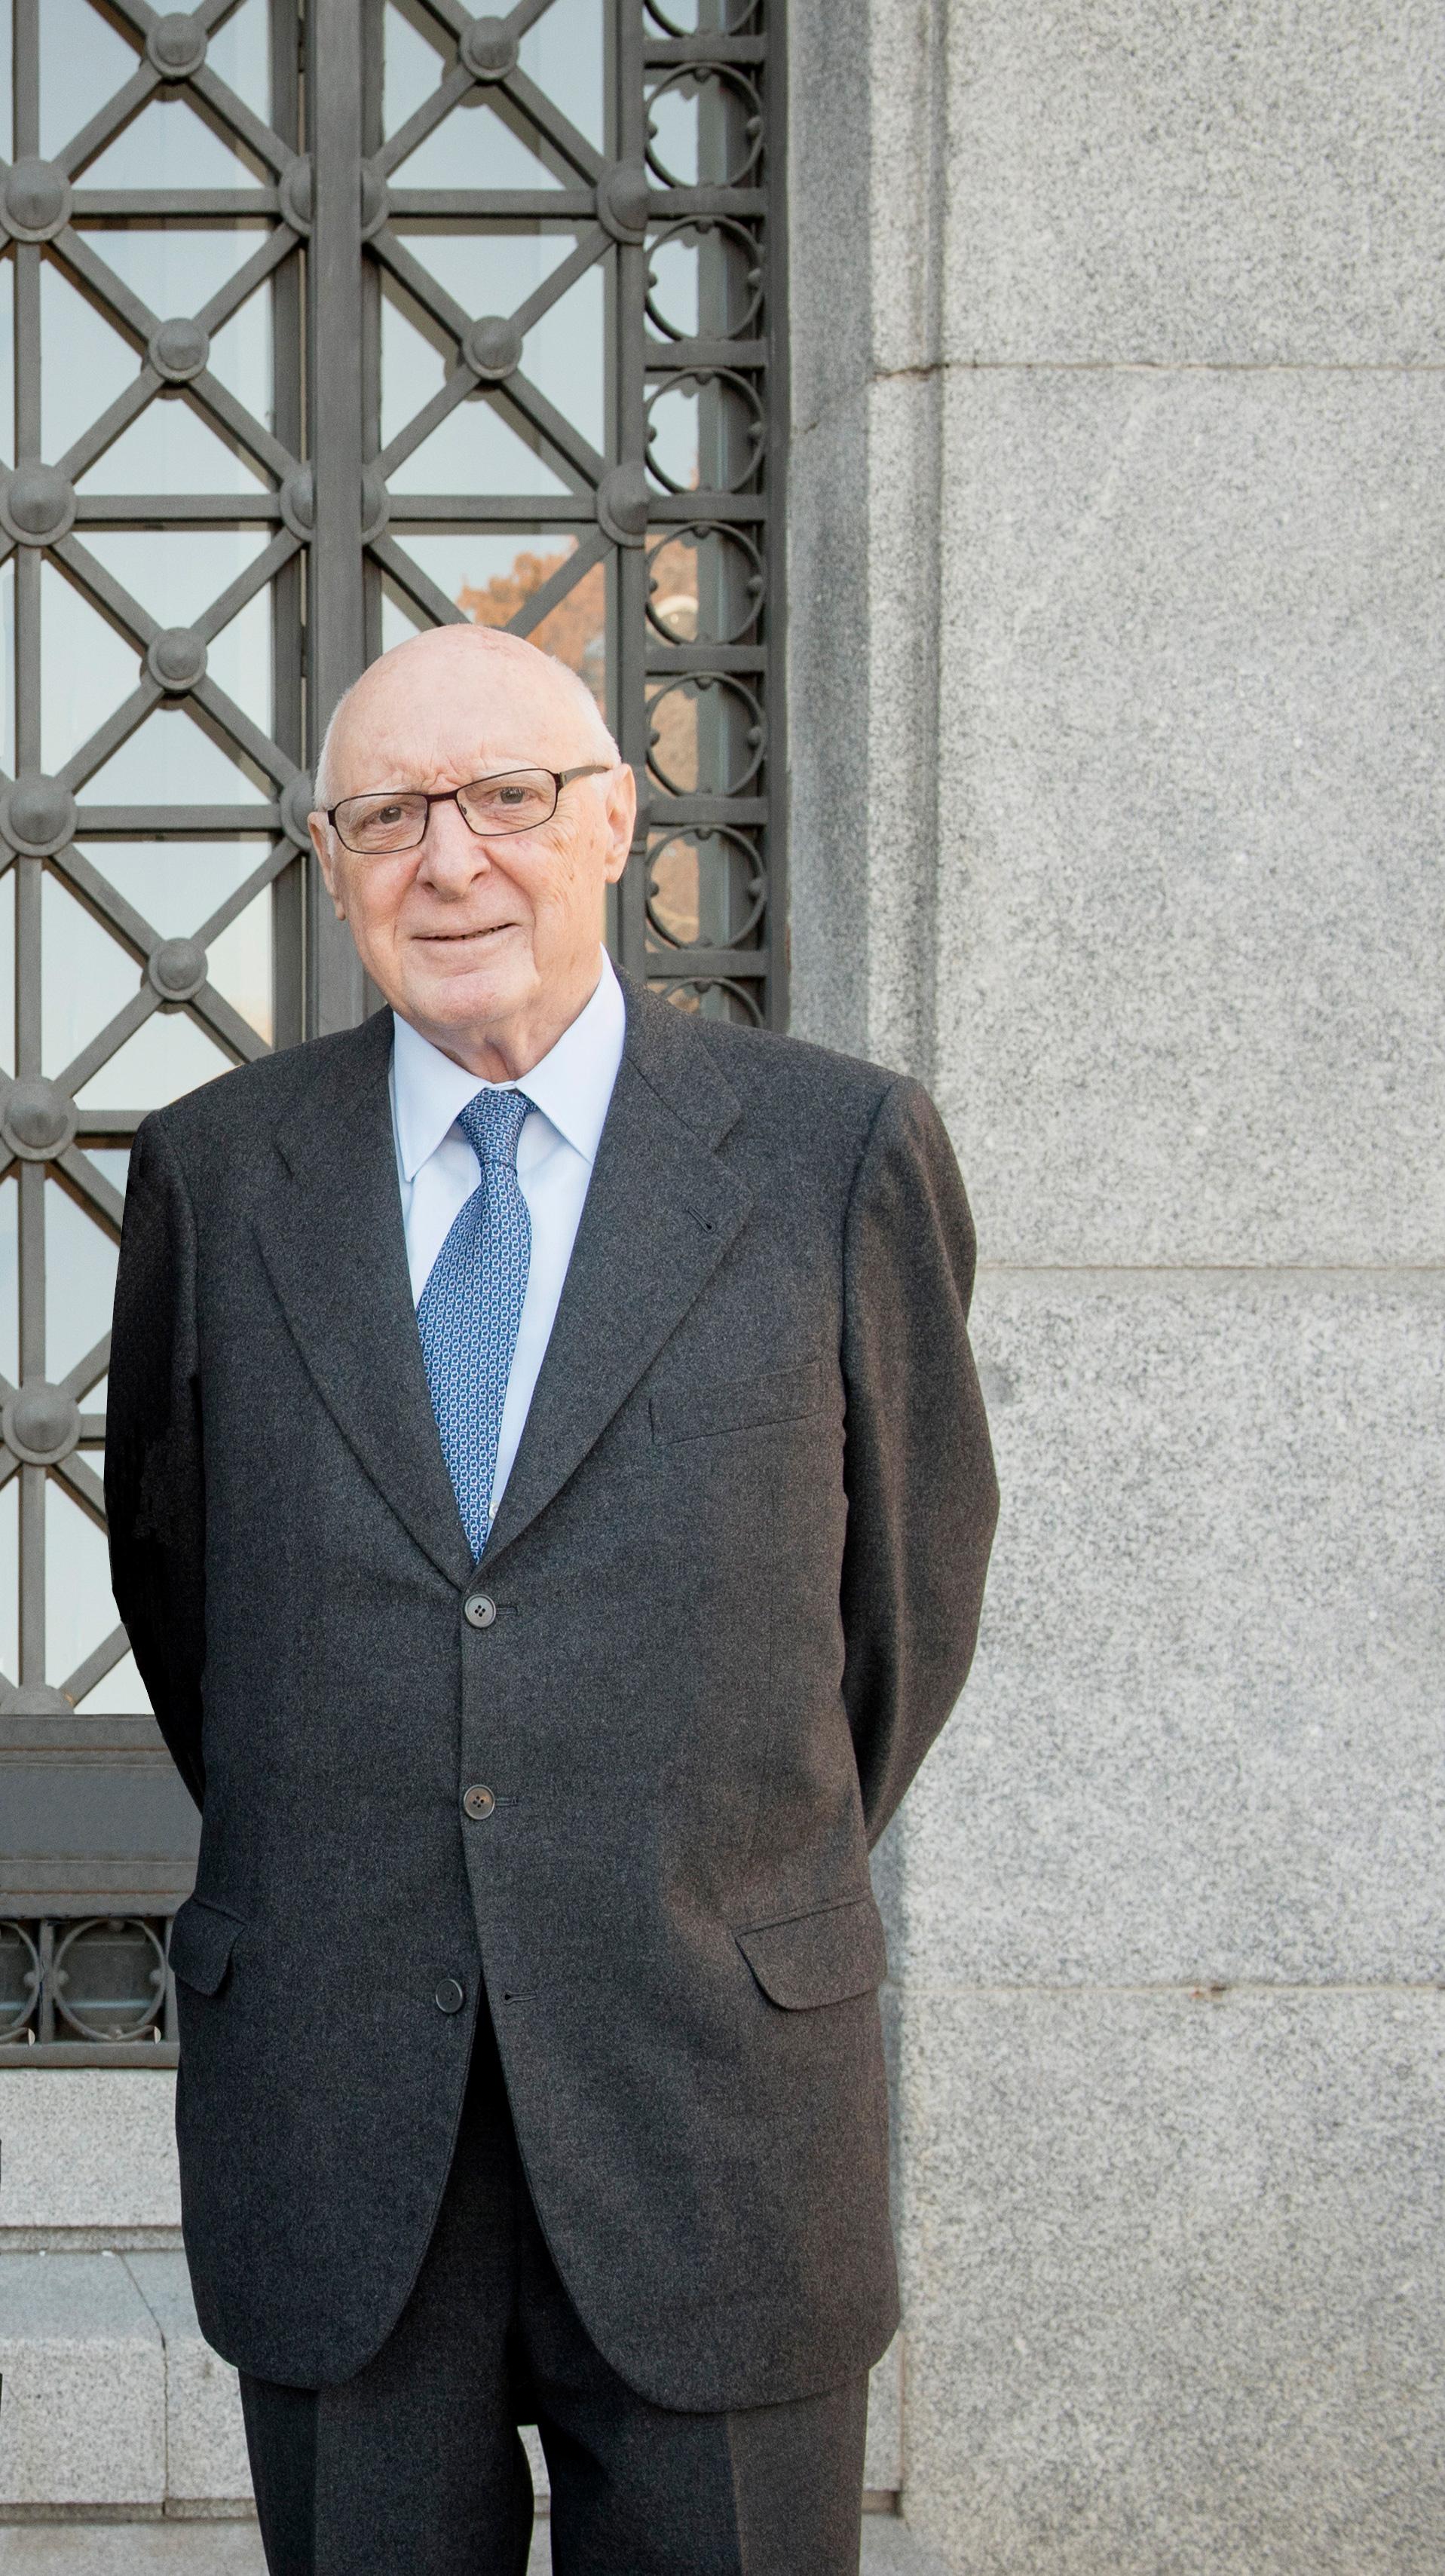 José Pedro Pérez-Llorca, presidente del Real Patronato. Museo Nacional del Prado